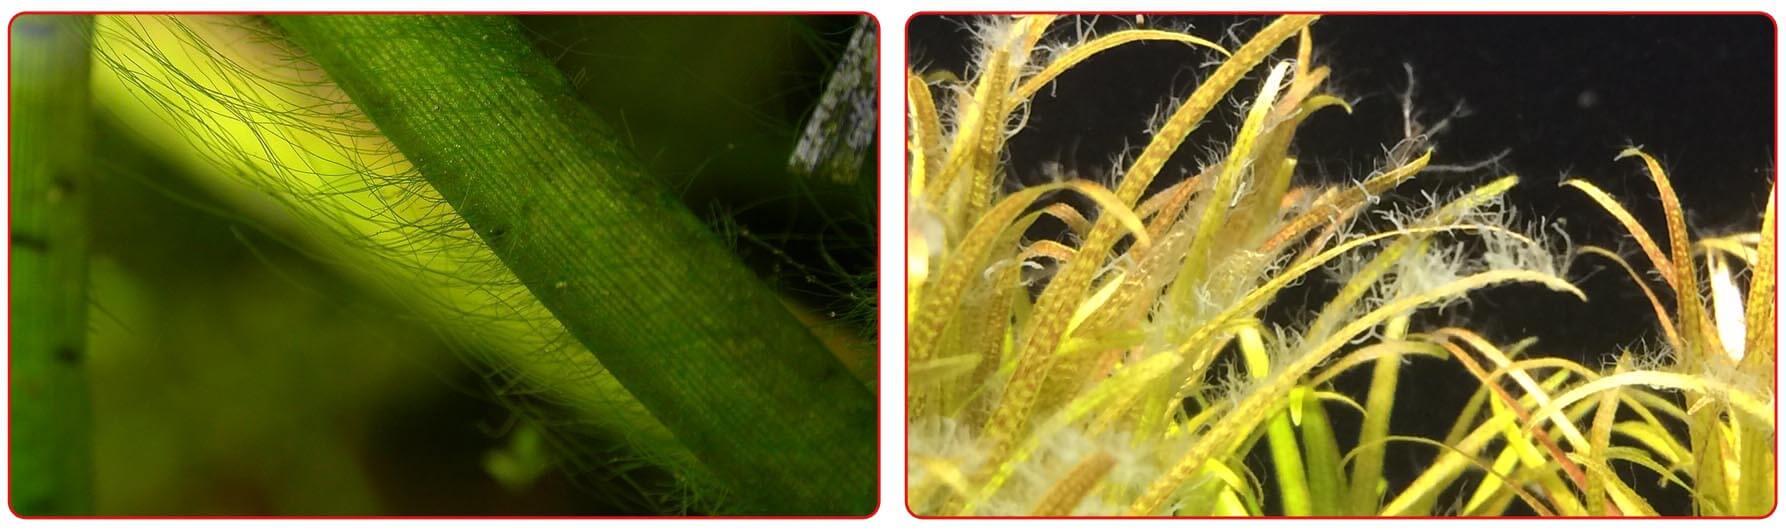 Ксенококус на листьях аквариумных растений